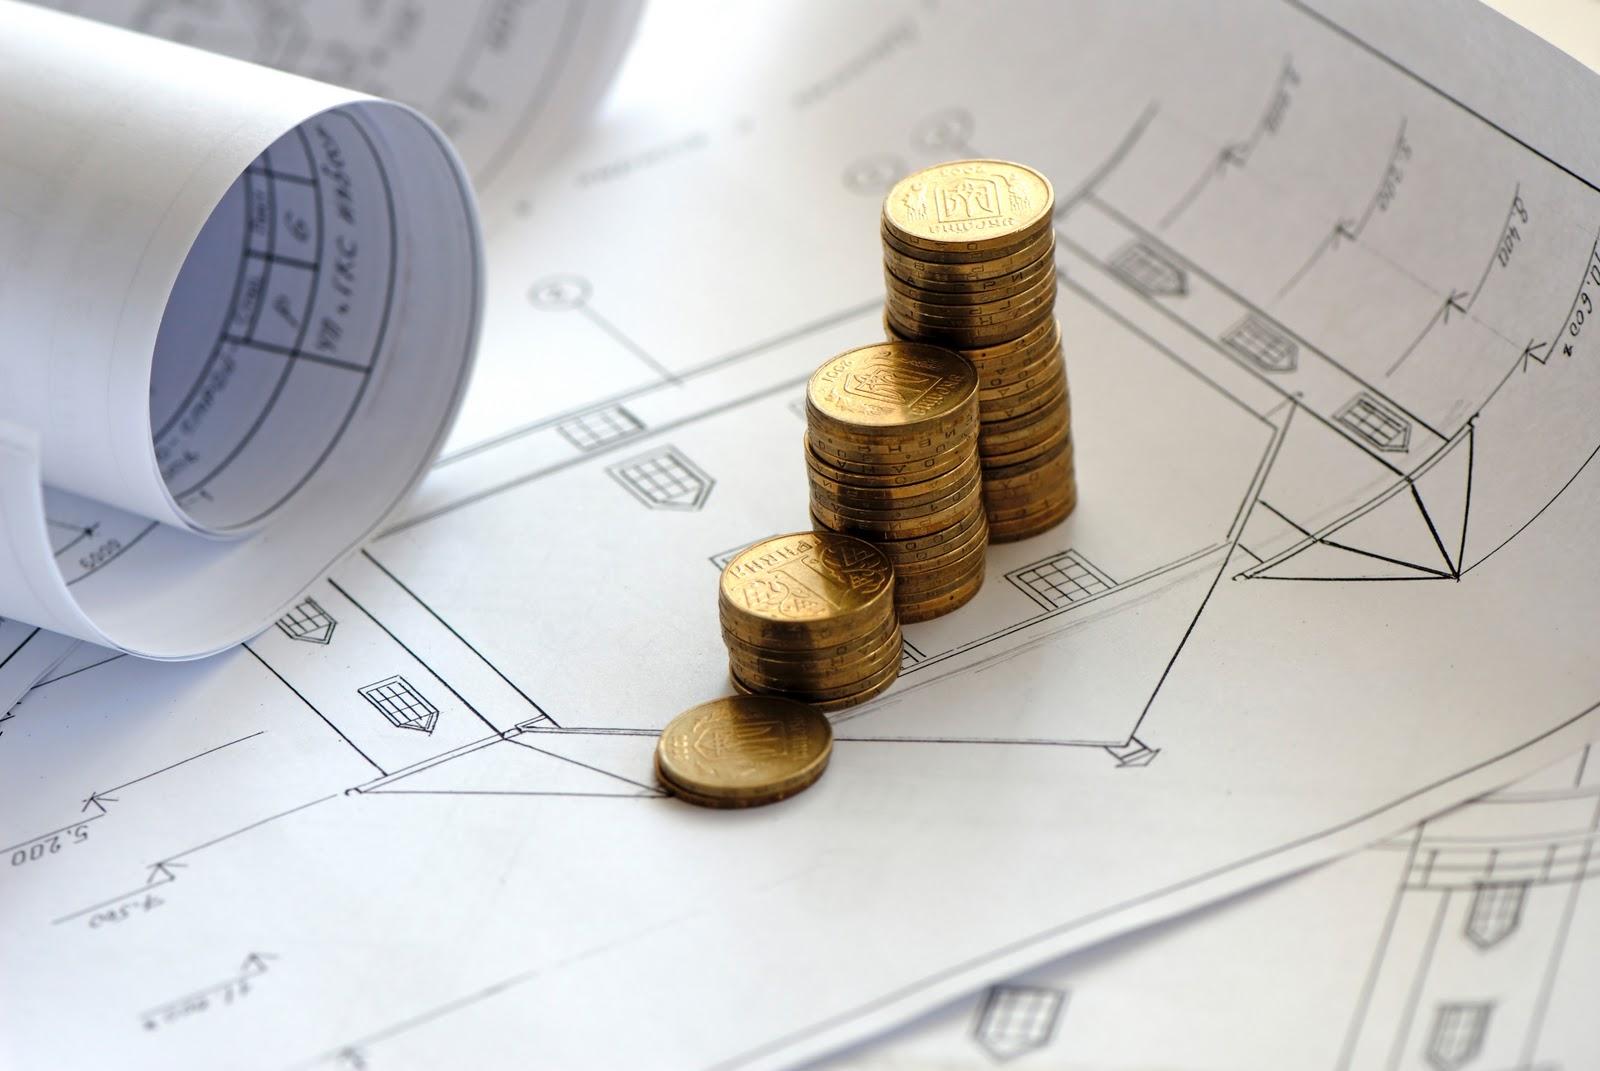 Simulateur d'investissement SCELLIER : Faites vous même votre simulation d'investissement immobilier SCELLIER